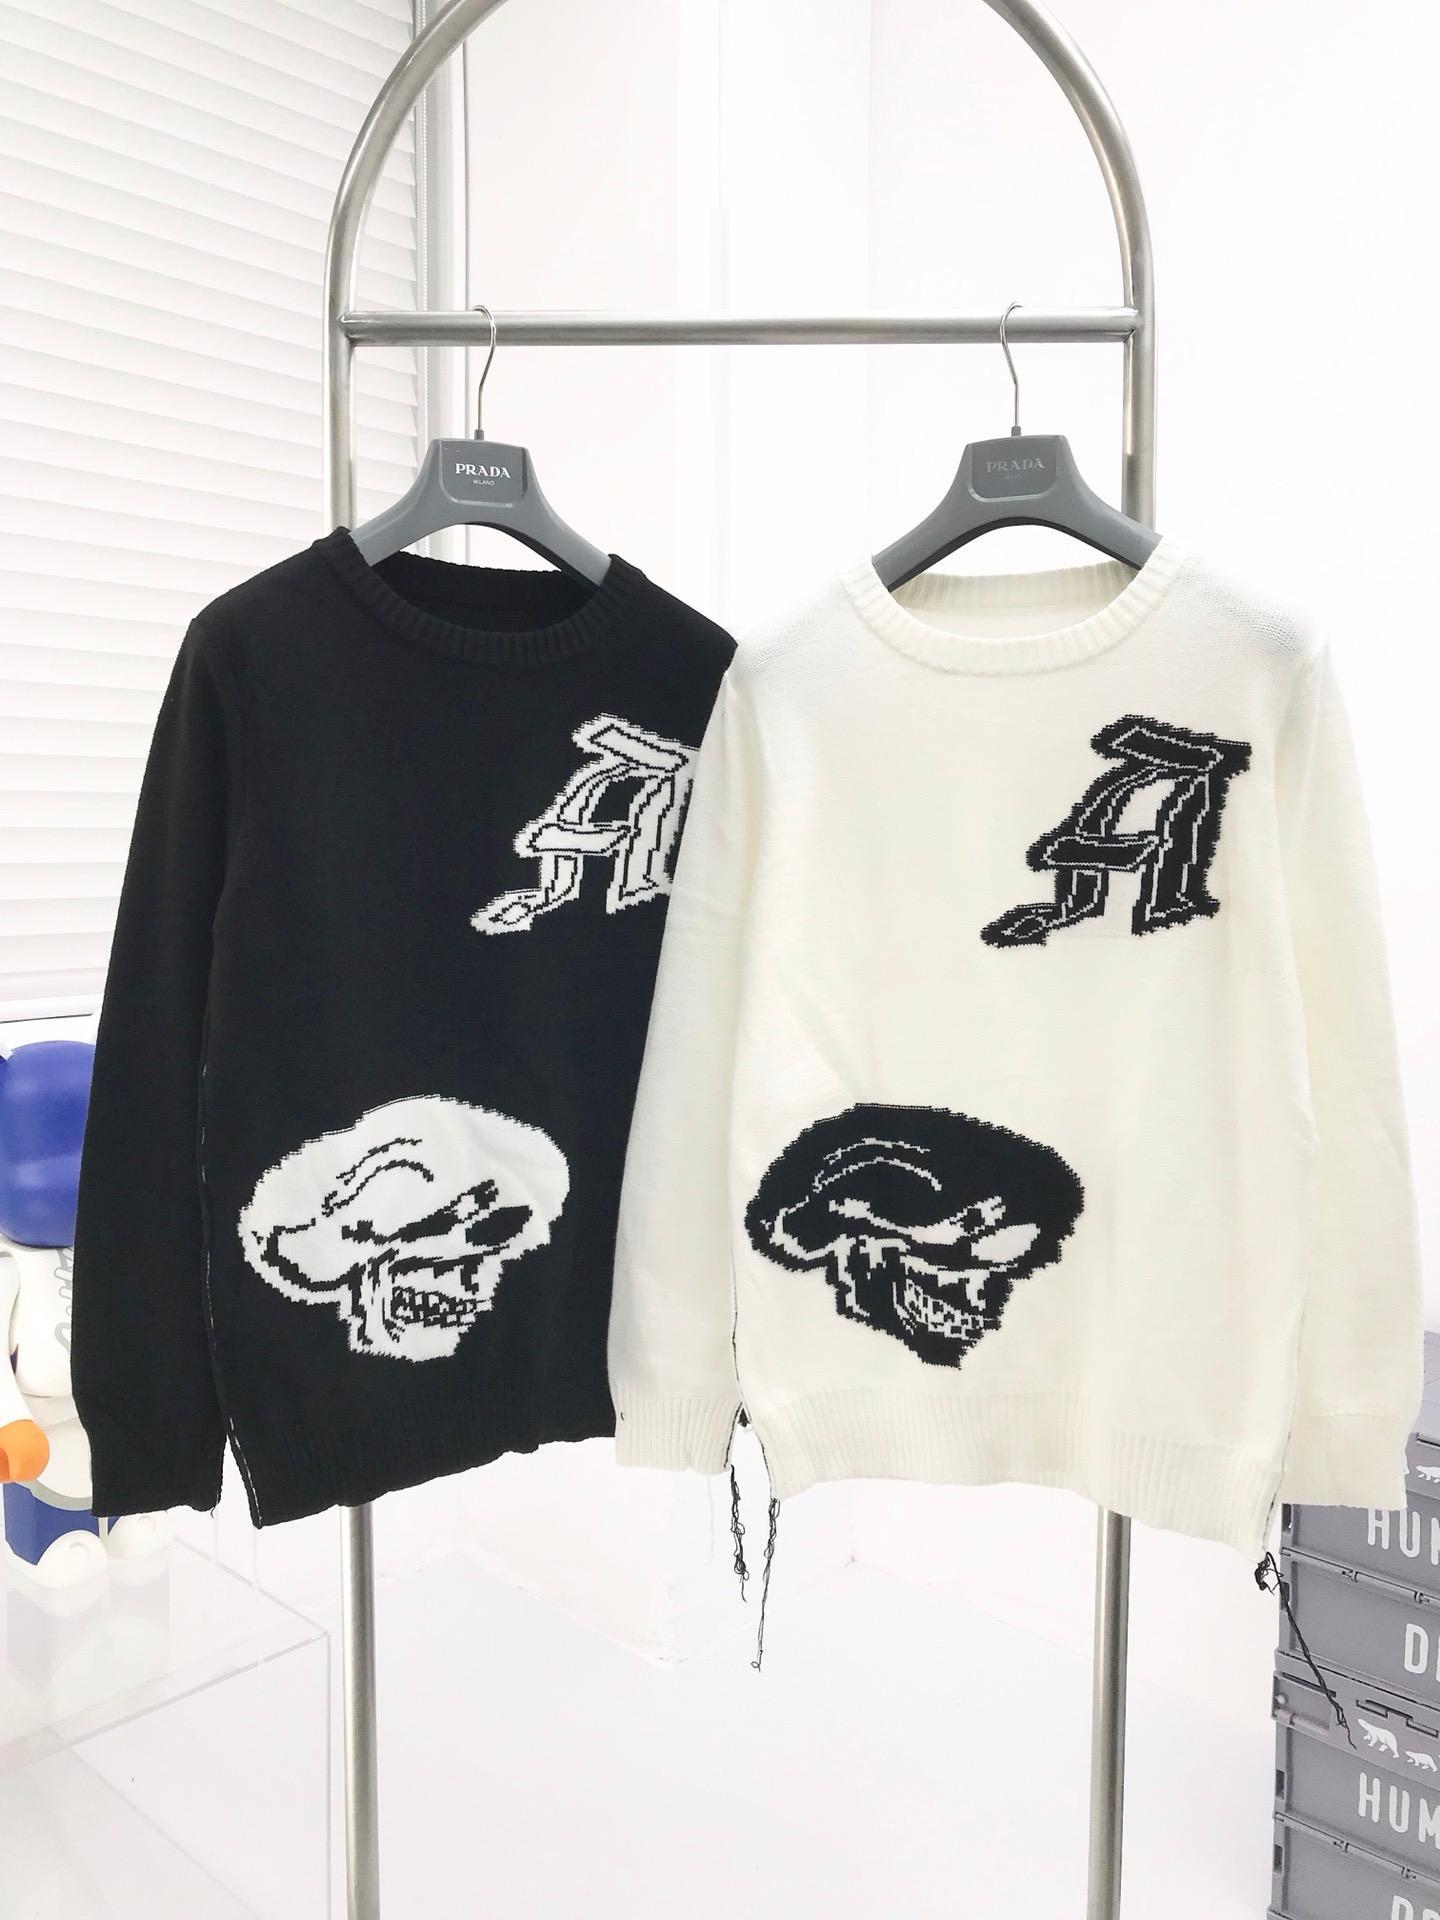 Модные толстовки для женщин мужские обручи одежды одежды Устюденты Casusfleece Tnisexaoded Куртка L пальто Свитера K2Z